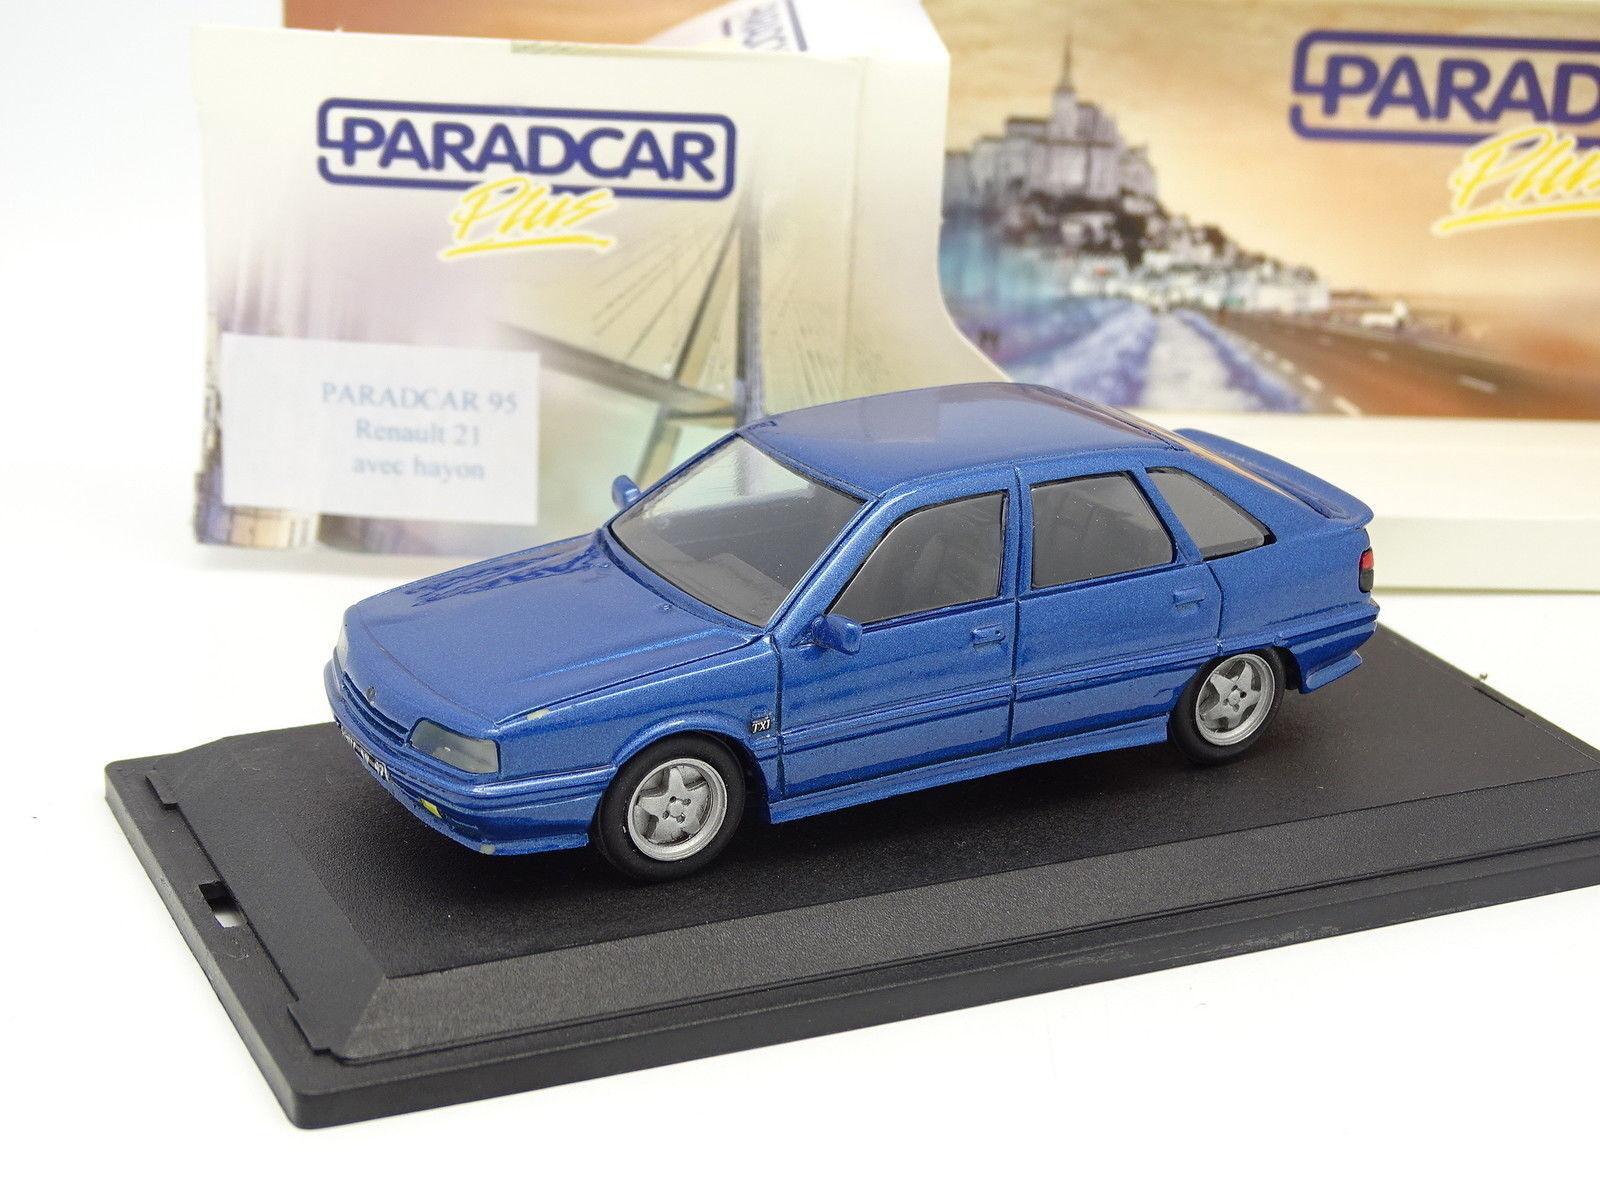 Paradcar Resin 1 43 - Renault 21 Txi 5 Doors bluee